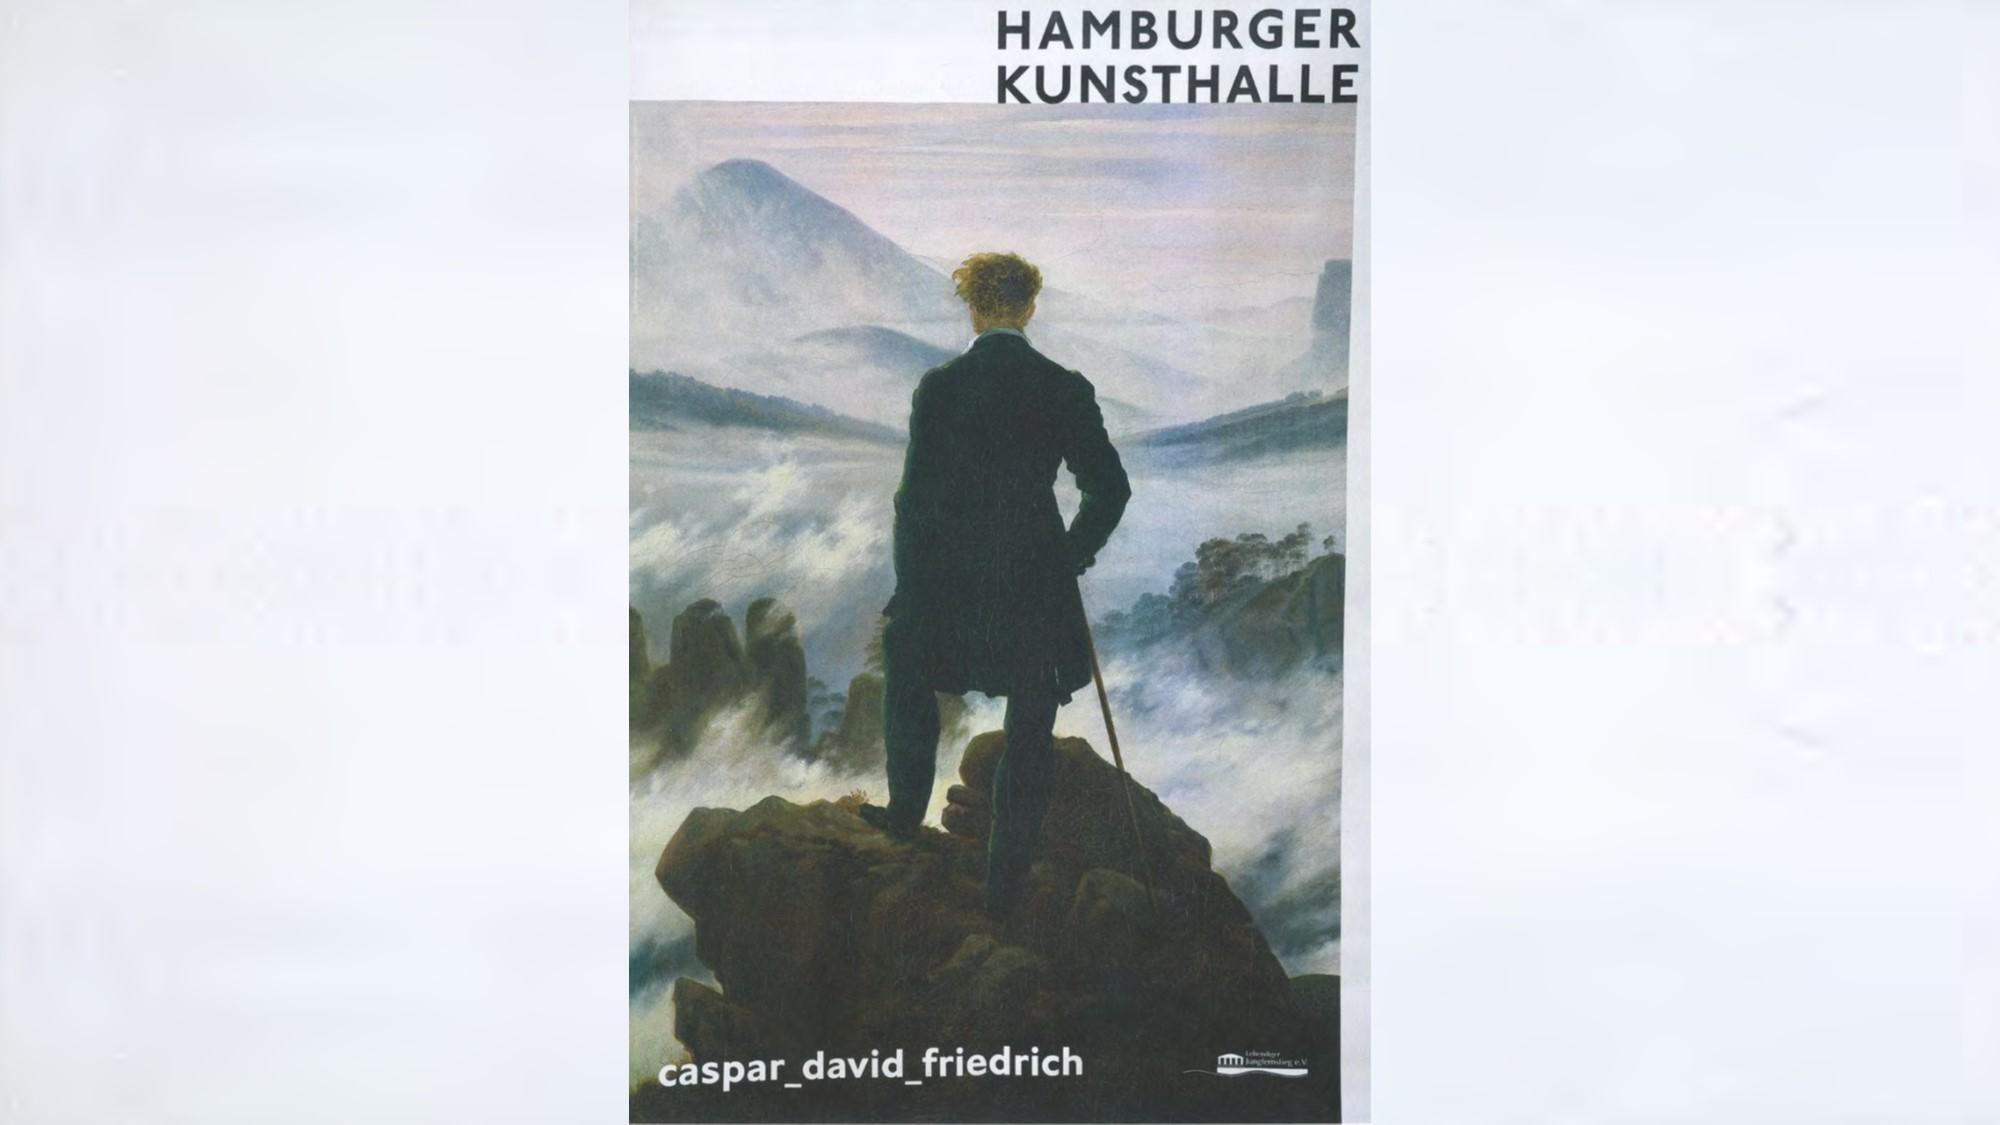 Caspar David Friedrich in der Kunsthalle Hamburg